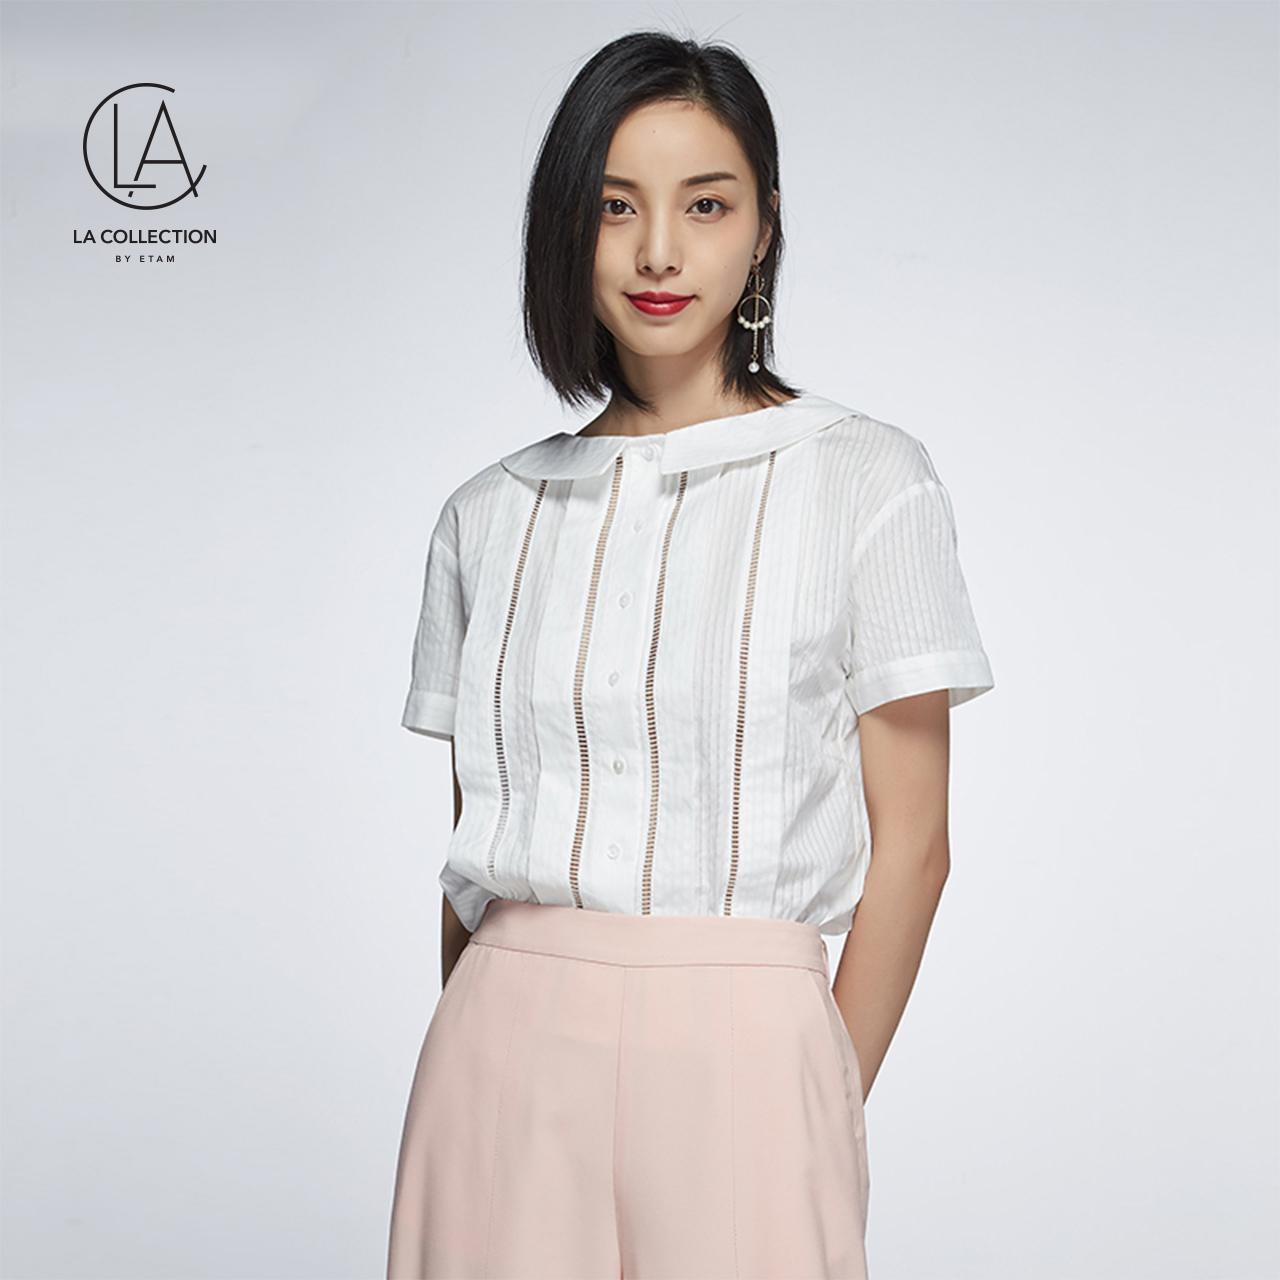 艾格LA COLLECTION2018夏新款女纯色镂空短袖休闲衬衫8E011406280